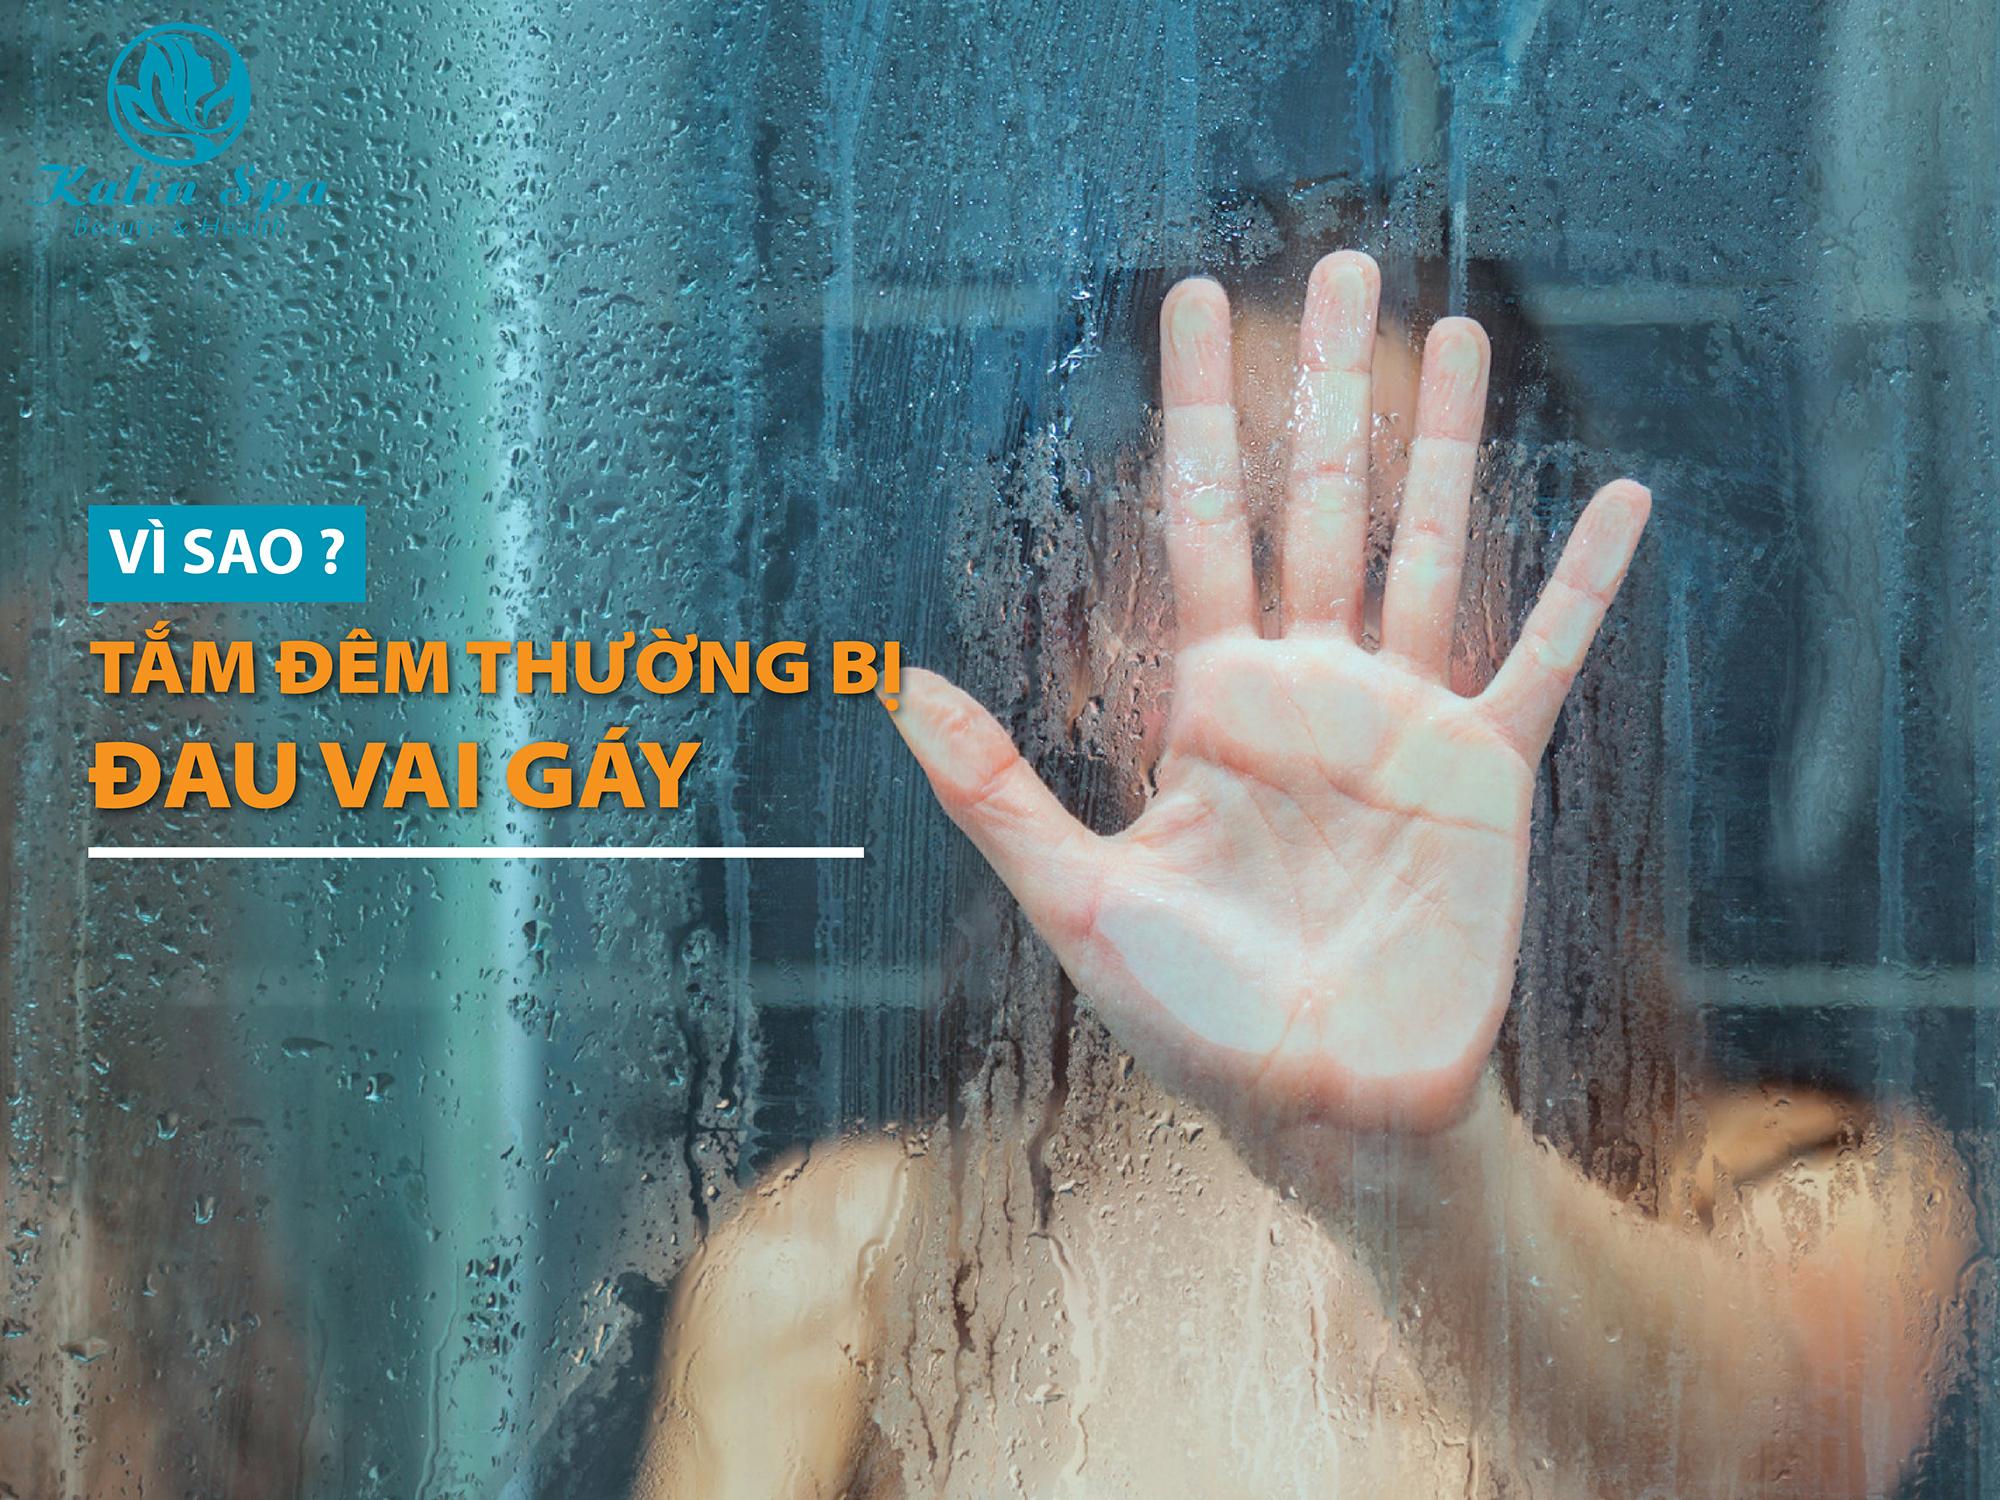 Vì sao tắm đêm dễ đau vai gáy?